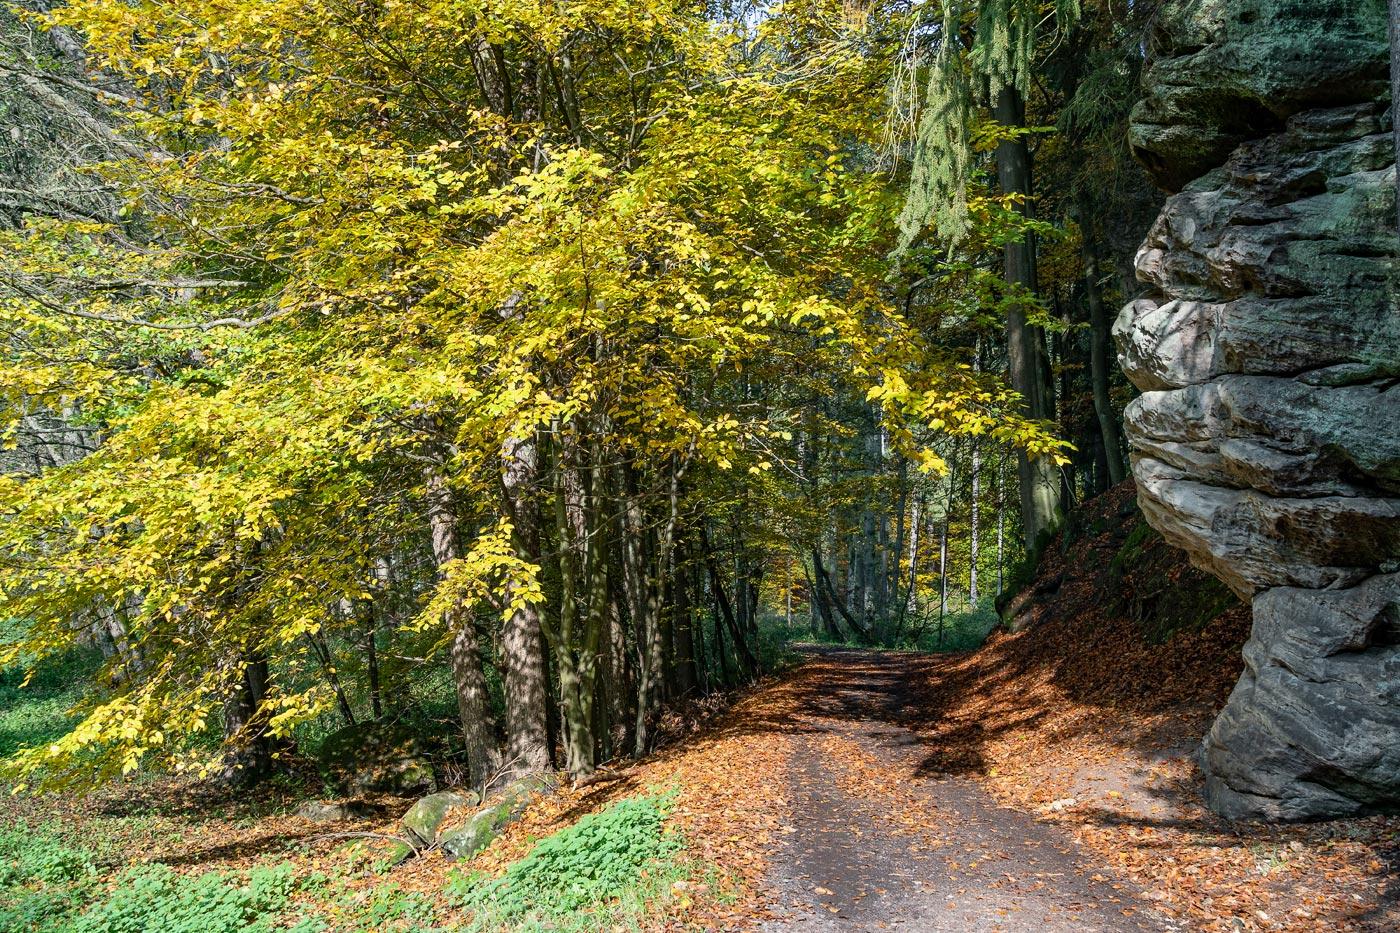 Осень в Чешском рае, природный заповедник Подтросецка удоли